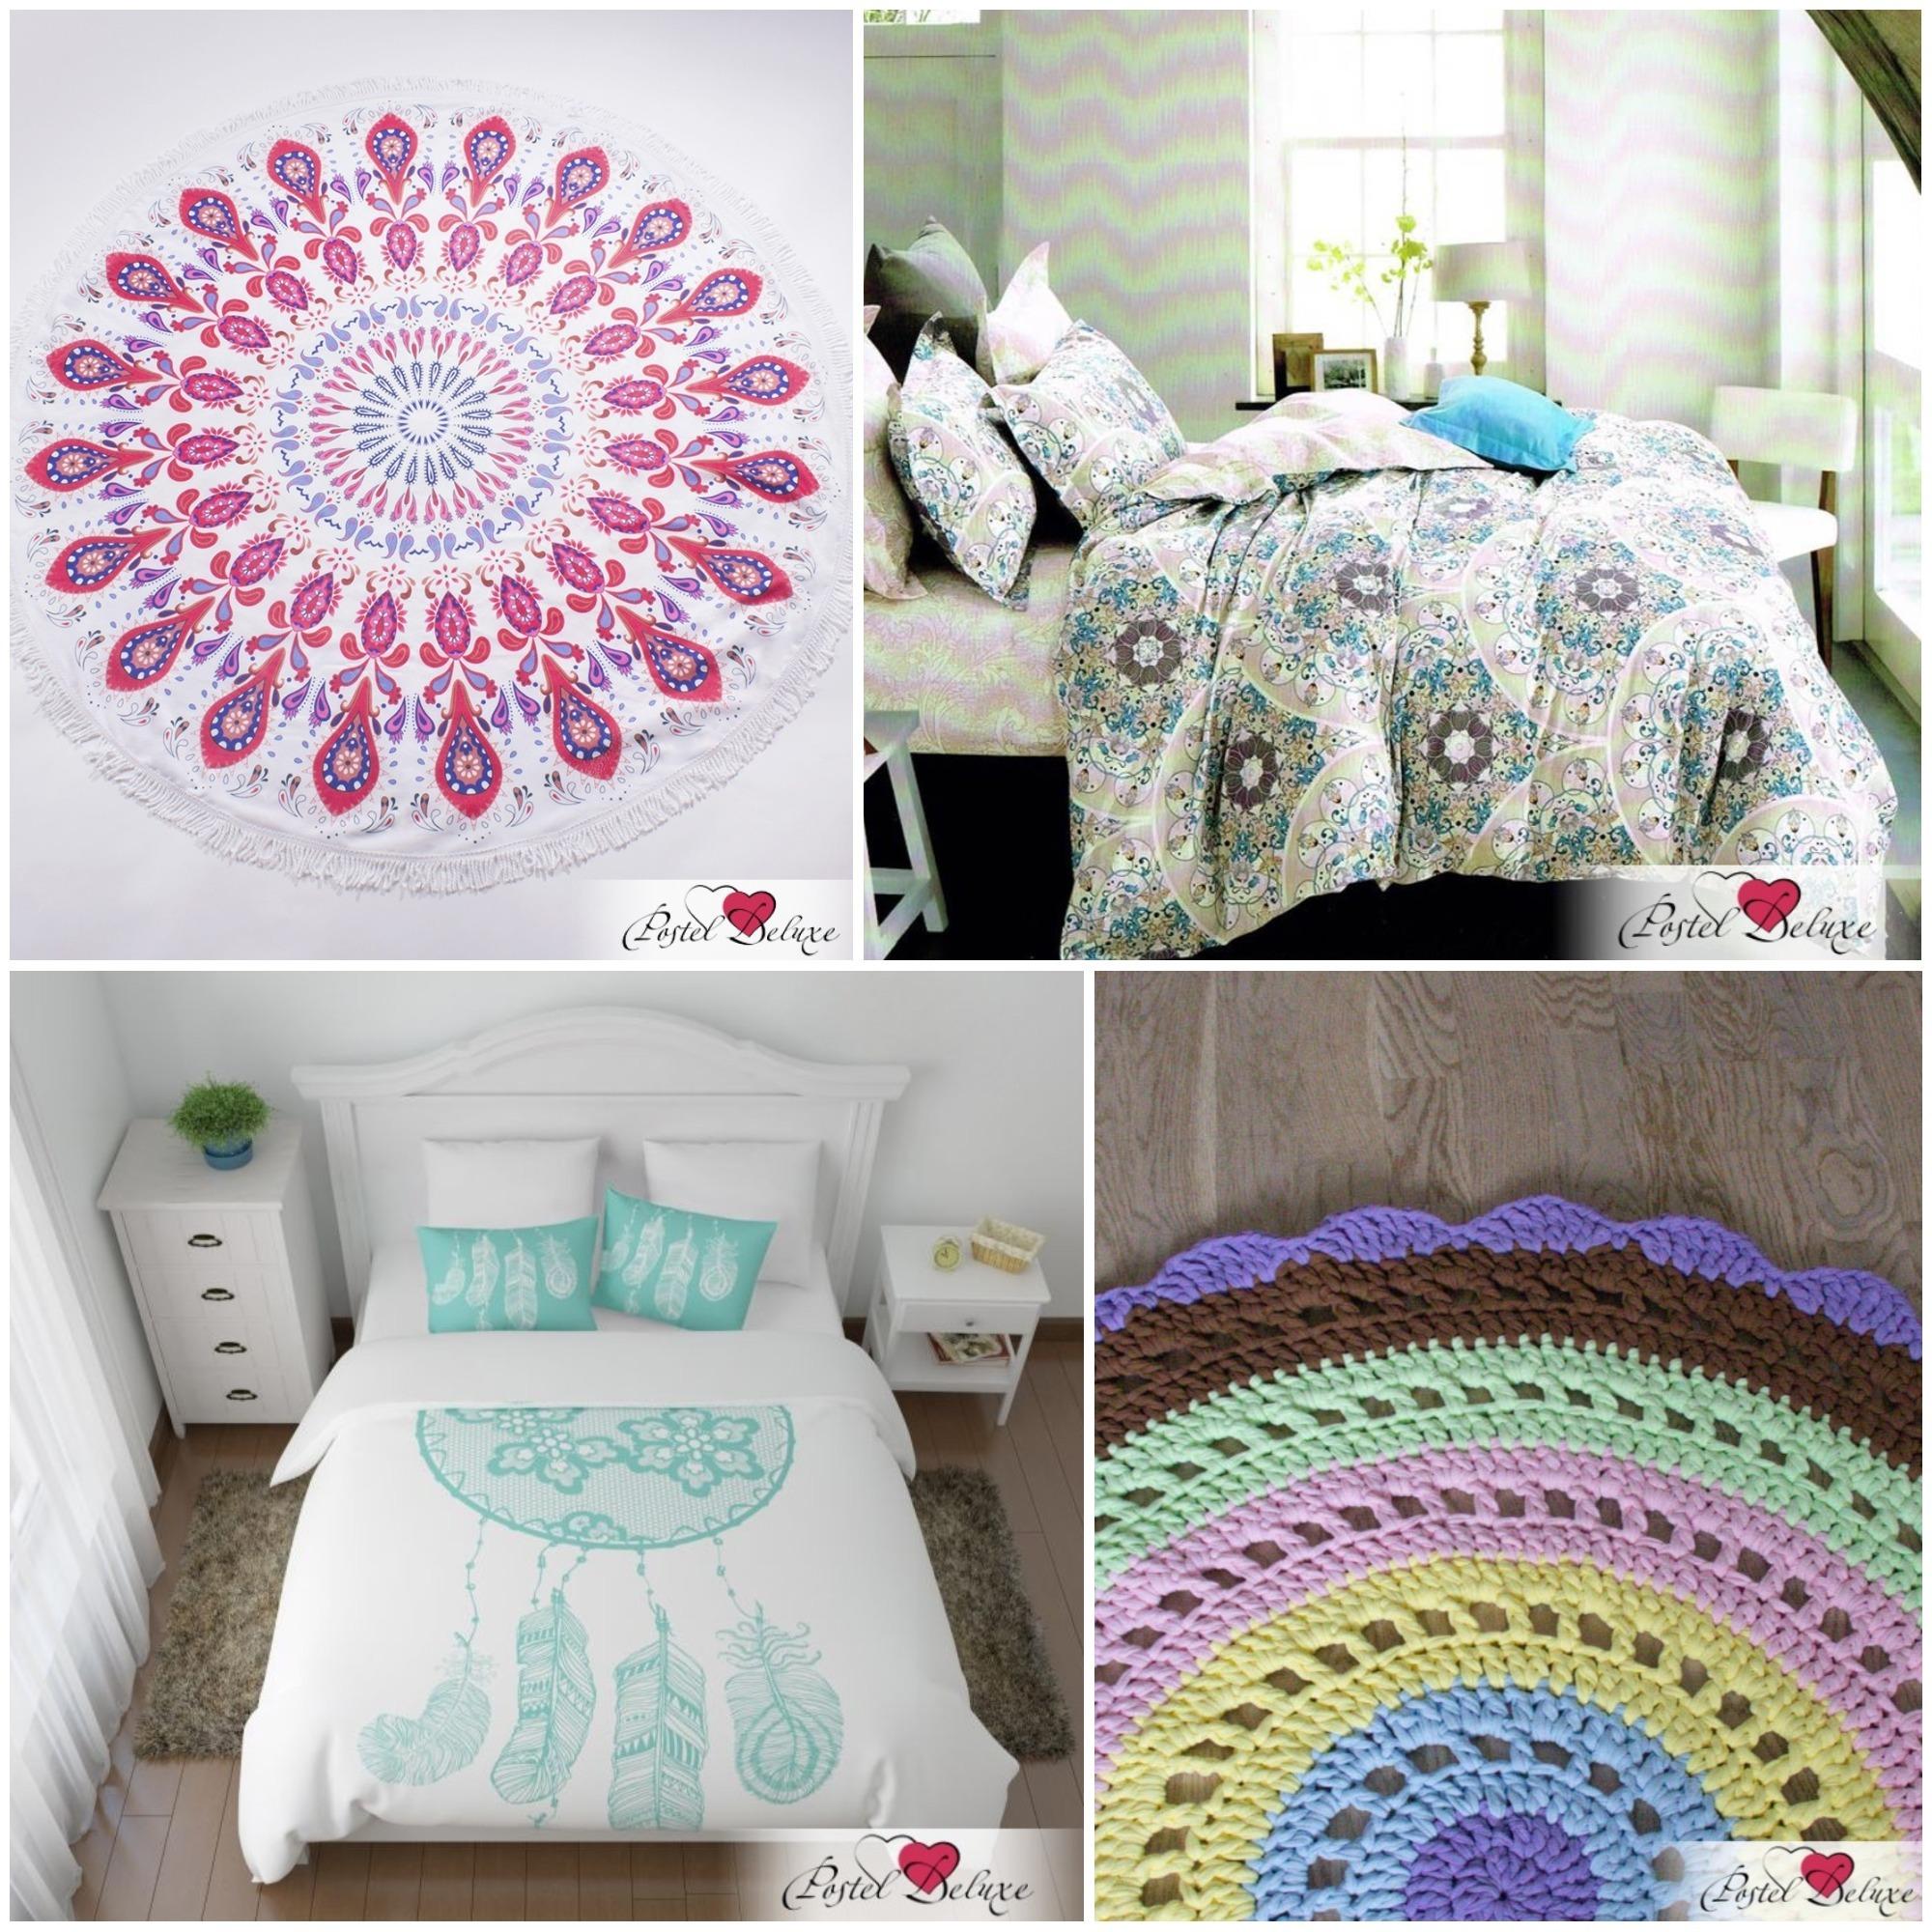 купить текстиль в стиле бохо